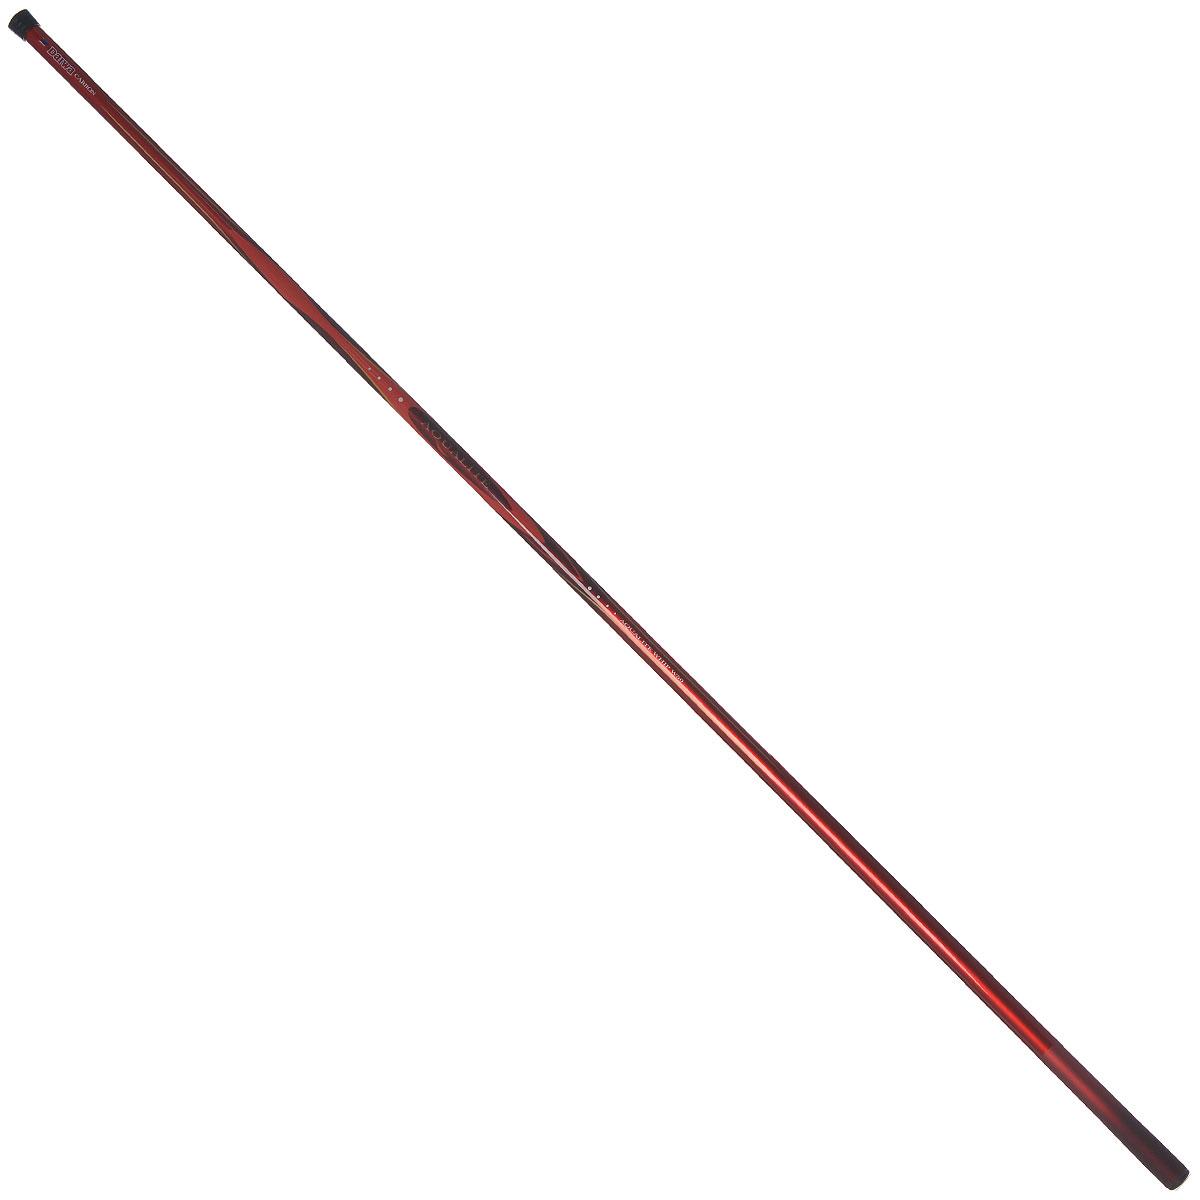 Удилище без колец Daiwa Aqualite Whip, 5 м